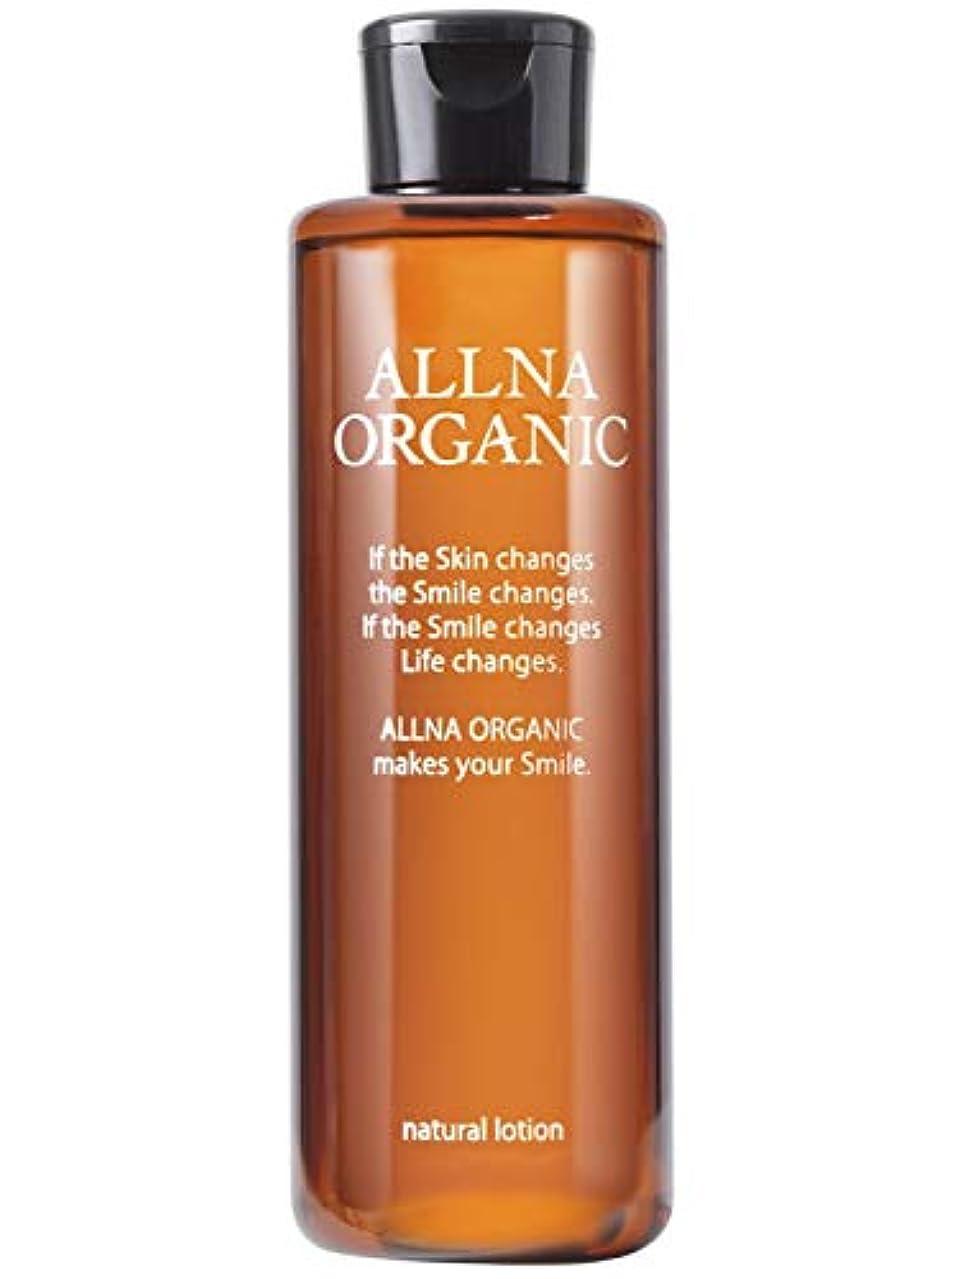 列挙する問題天才オルナ オーガニック 化粧水 「 保湿 乾燥 かさつき 用」「 コラーゲン ビタミンC誘導体 ヒアルロン酸 セラミド 配合」200ml